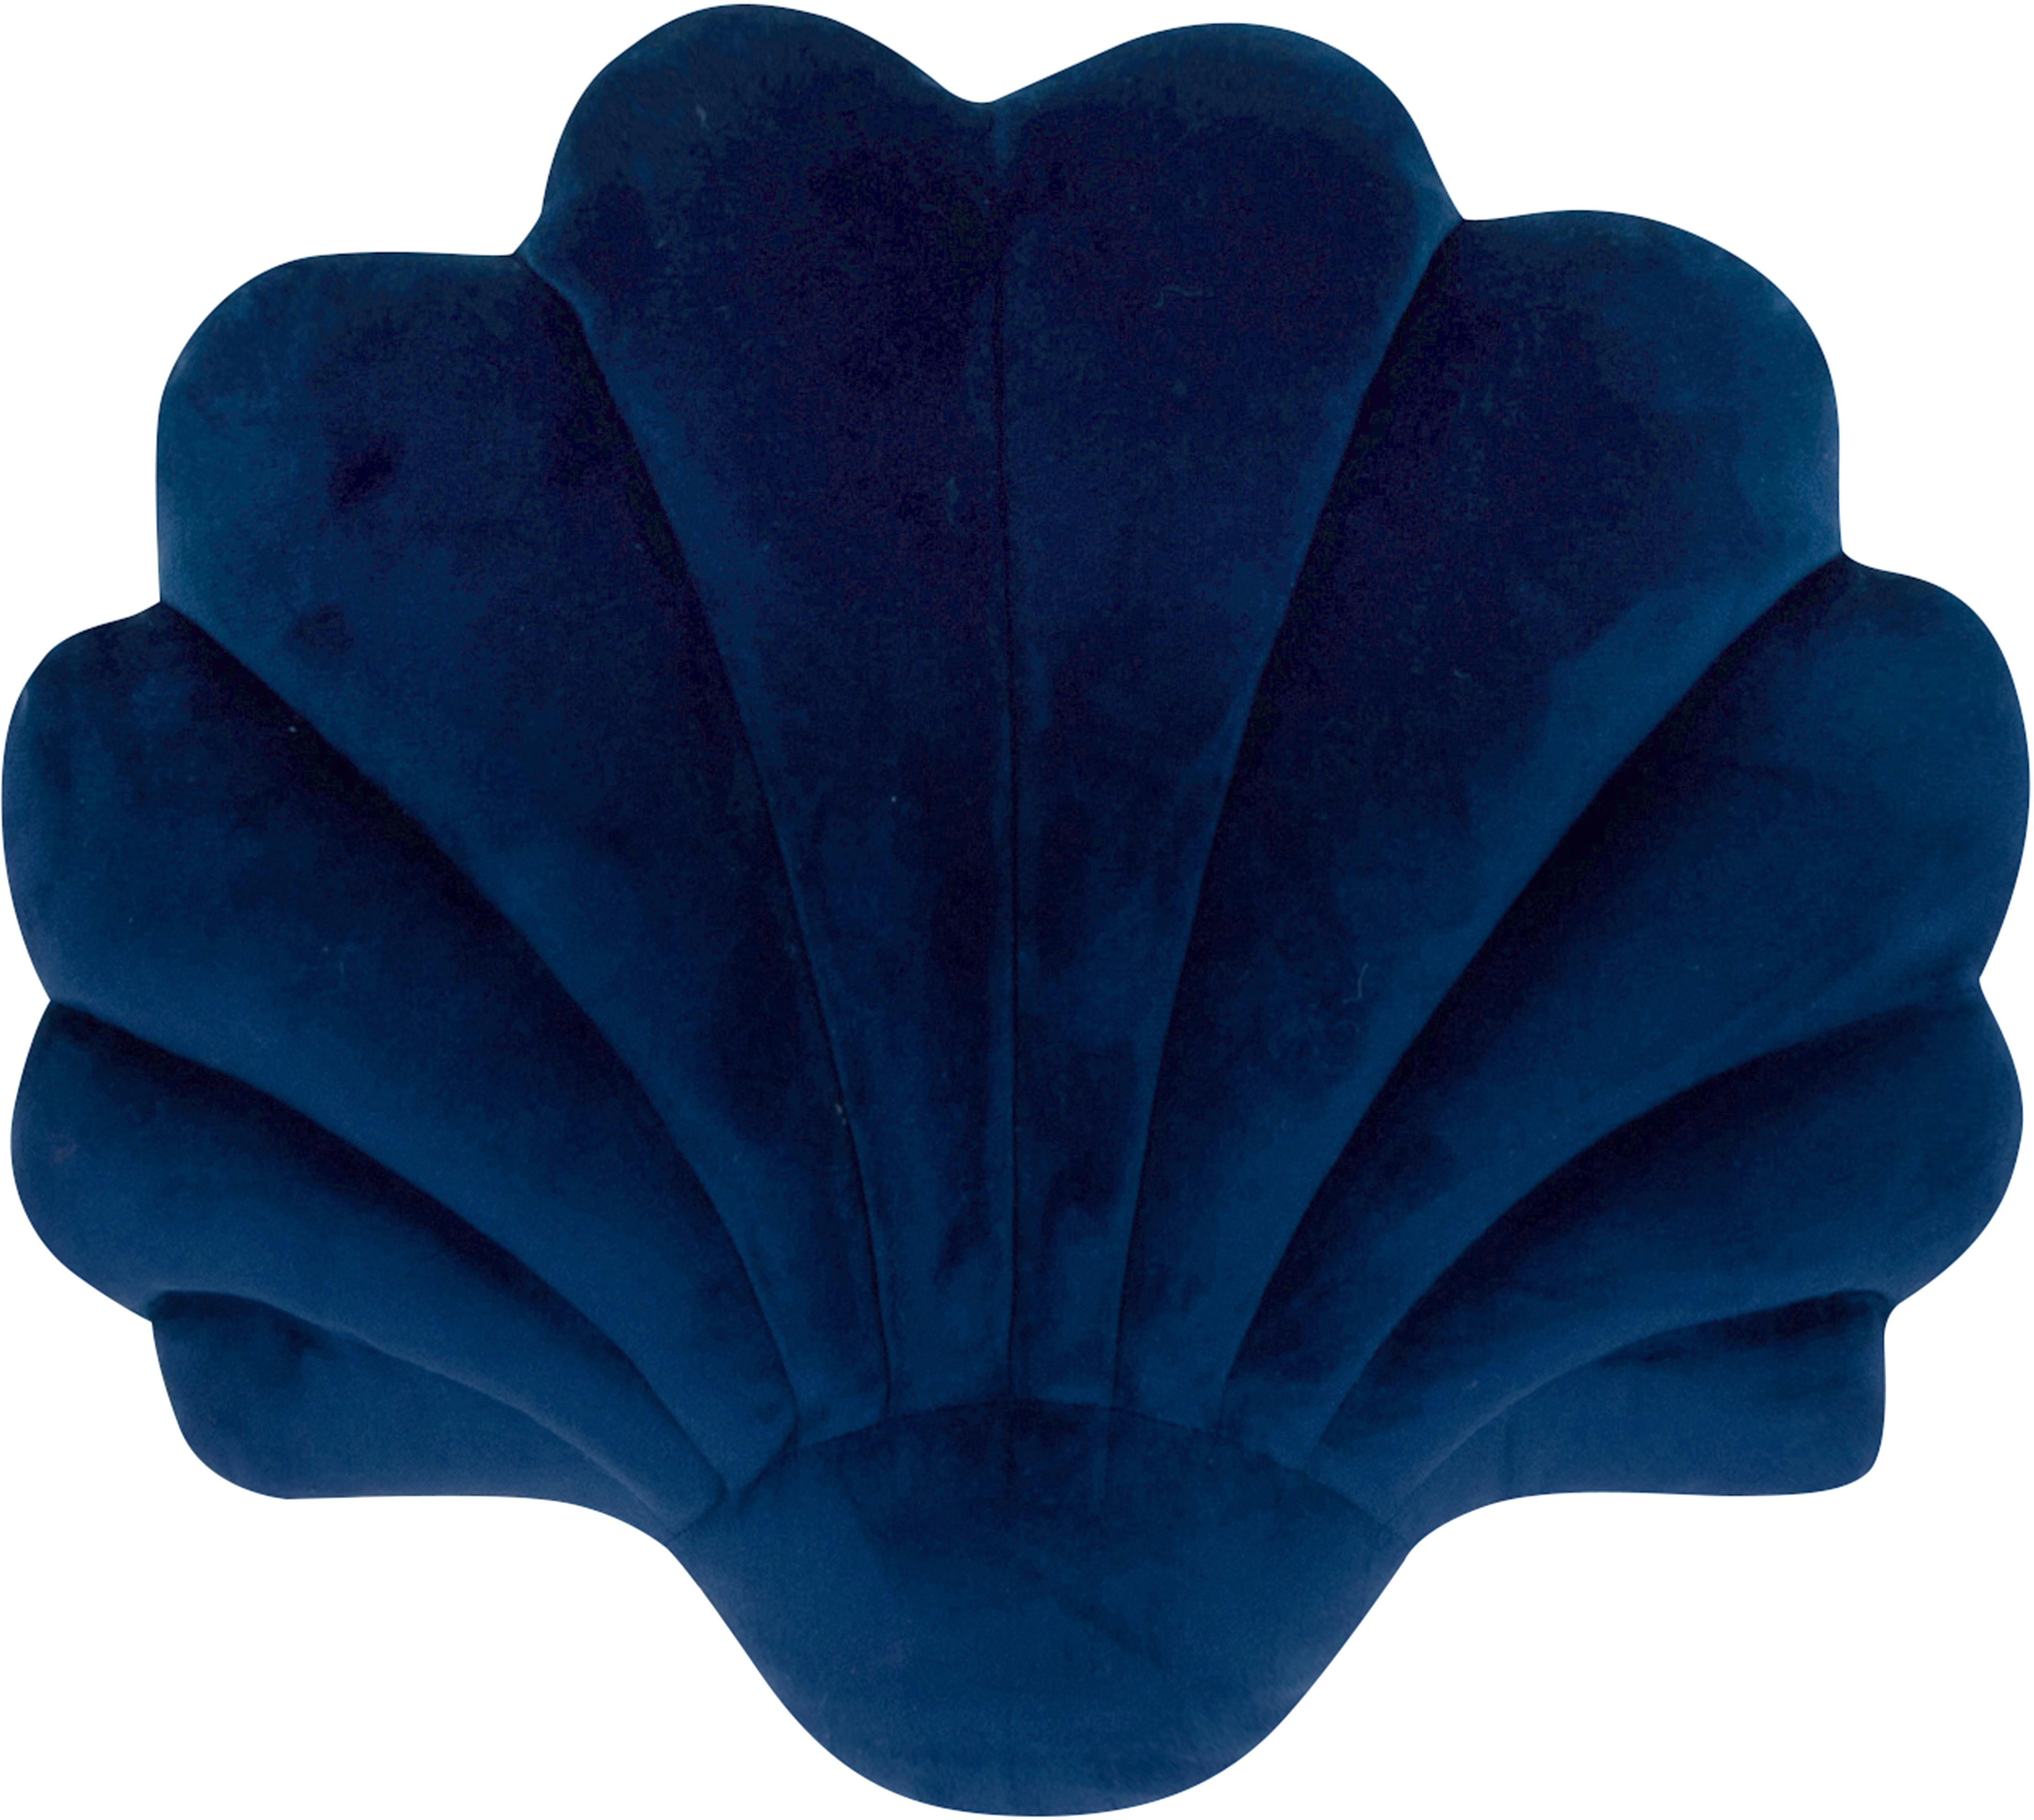 Samtkissen Shell, Vorderseite: 100% Polyestersamt, Rückseite: 100% Baumwolle, Dunkelblau, 28 x 30 cm